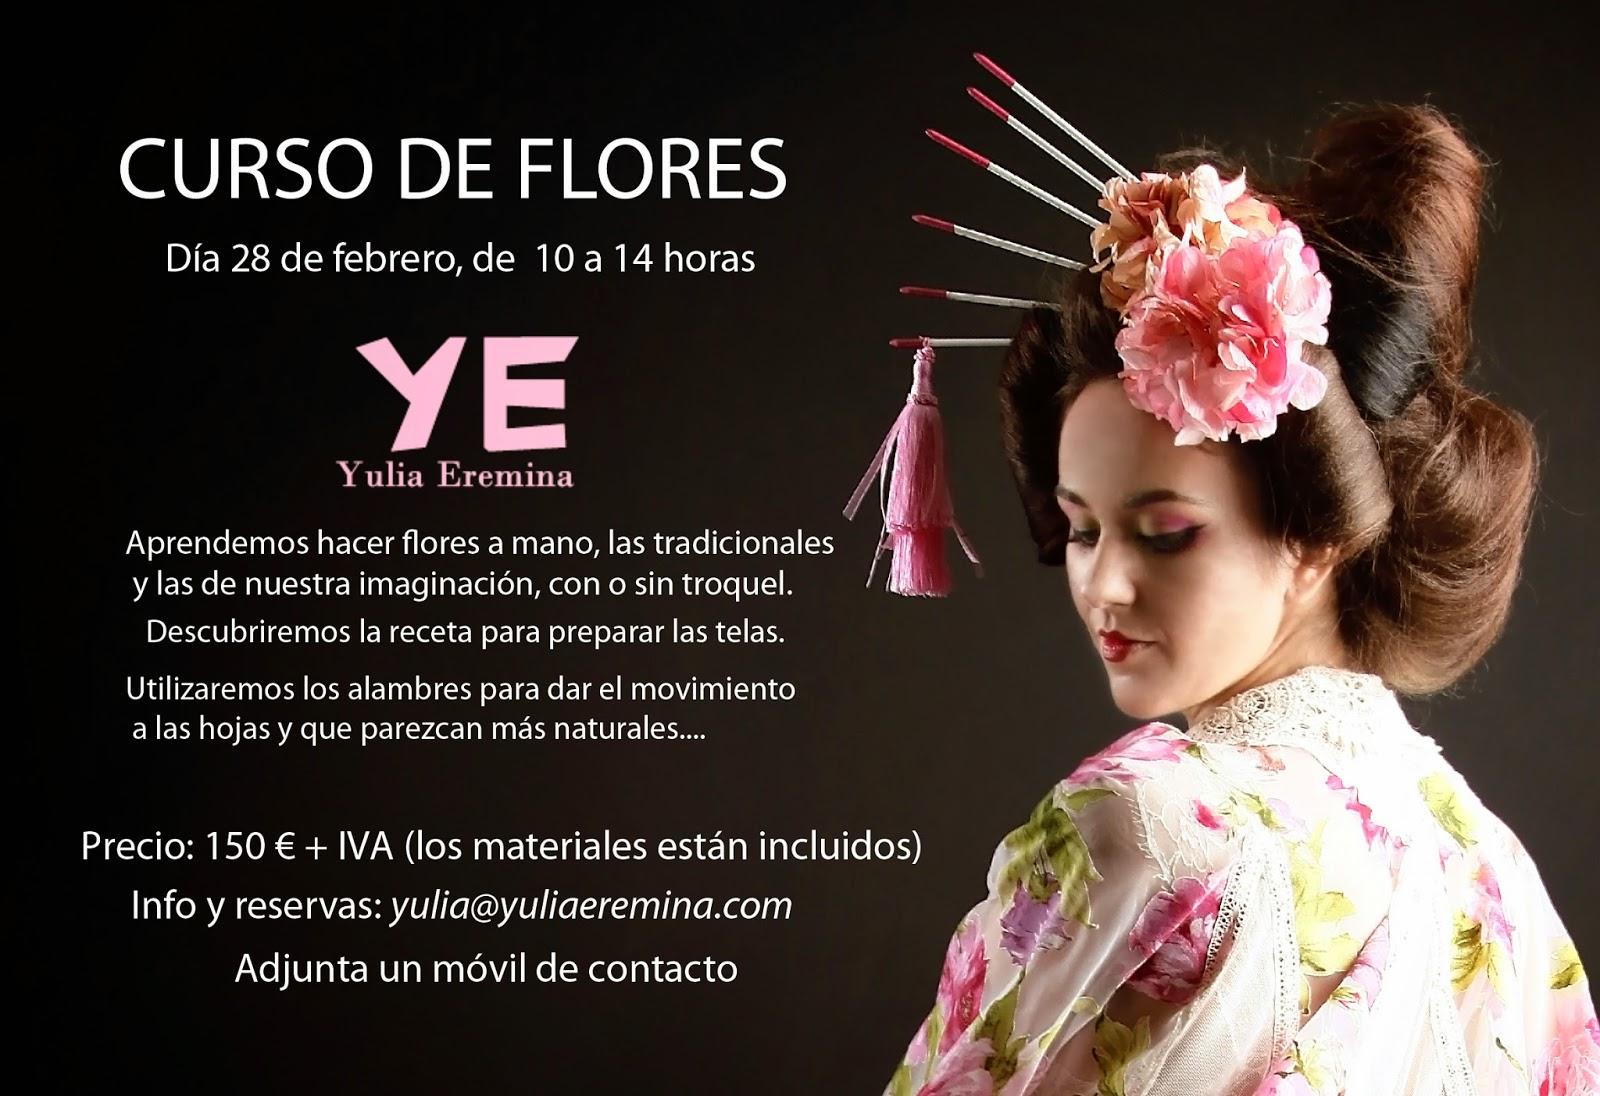 Imagenes De Flores Artesanales - FLORES ARTESANALES EN GOMA EVA en Todo Paraguay